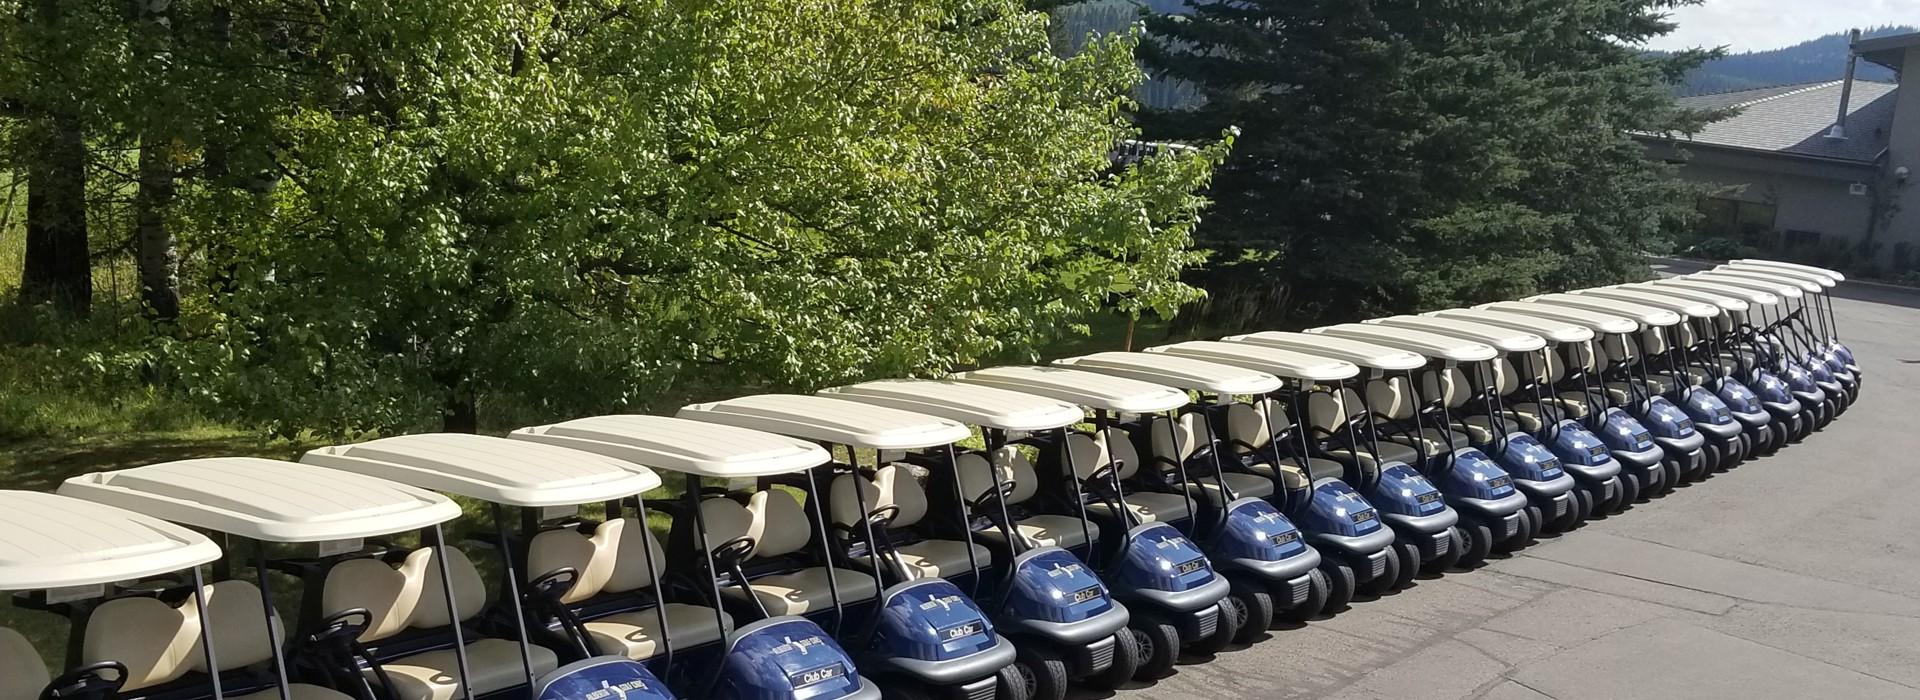 golf car cart rentals calgary alberta golf car rental. Black Bedroom Furniture Sets. Home Design Ideas